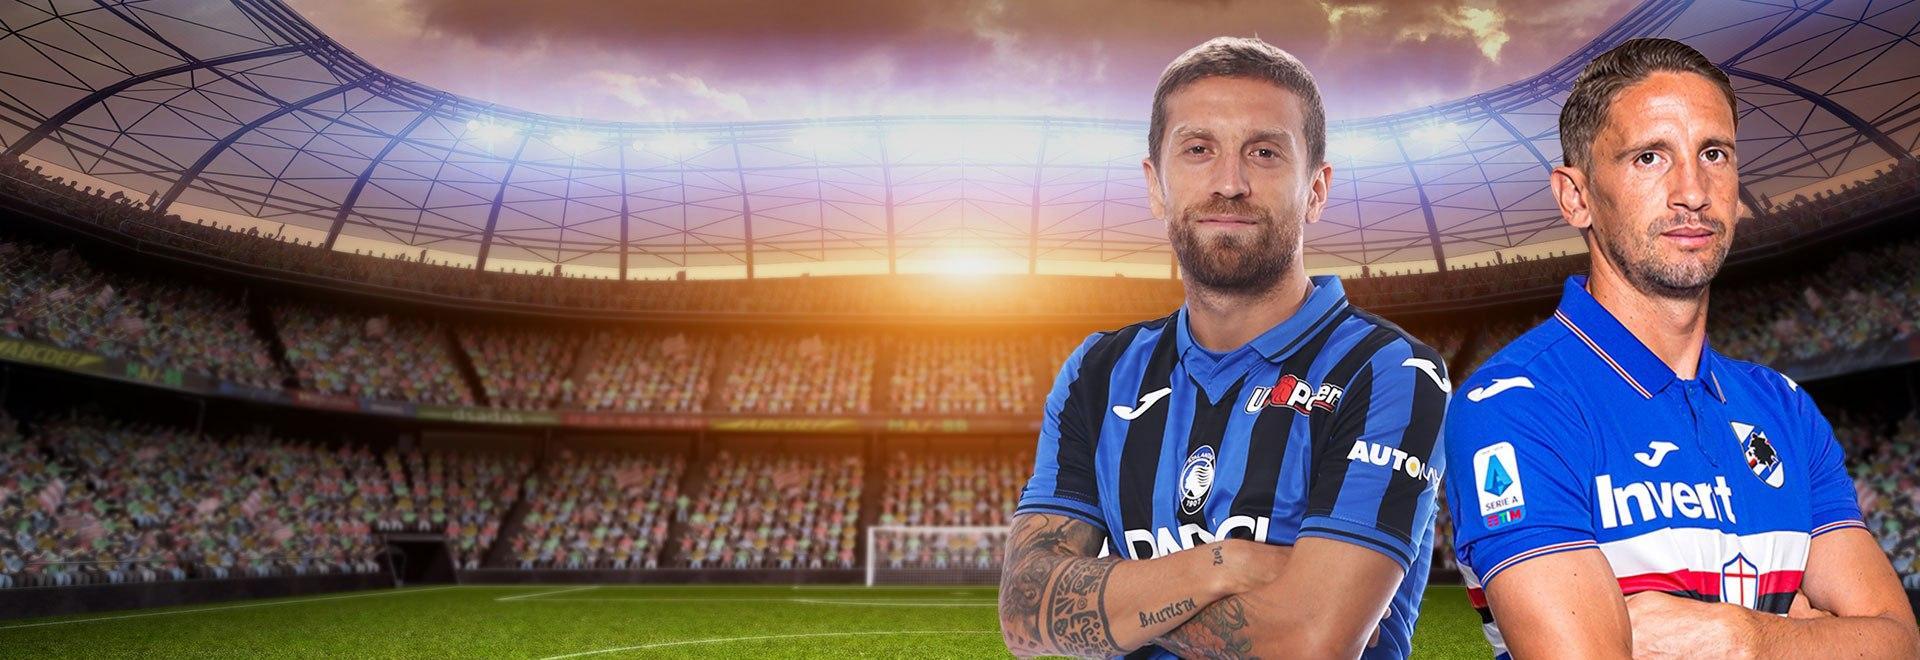 Atalanta - Sampdoria. 31a g.